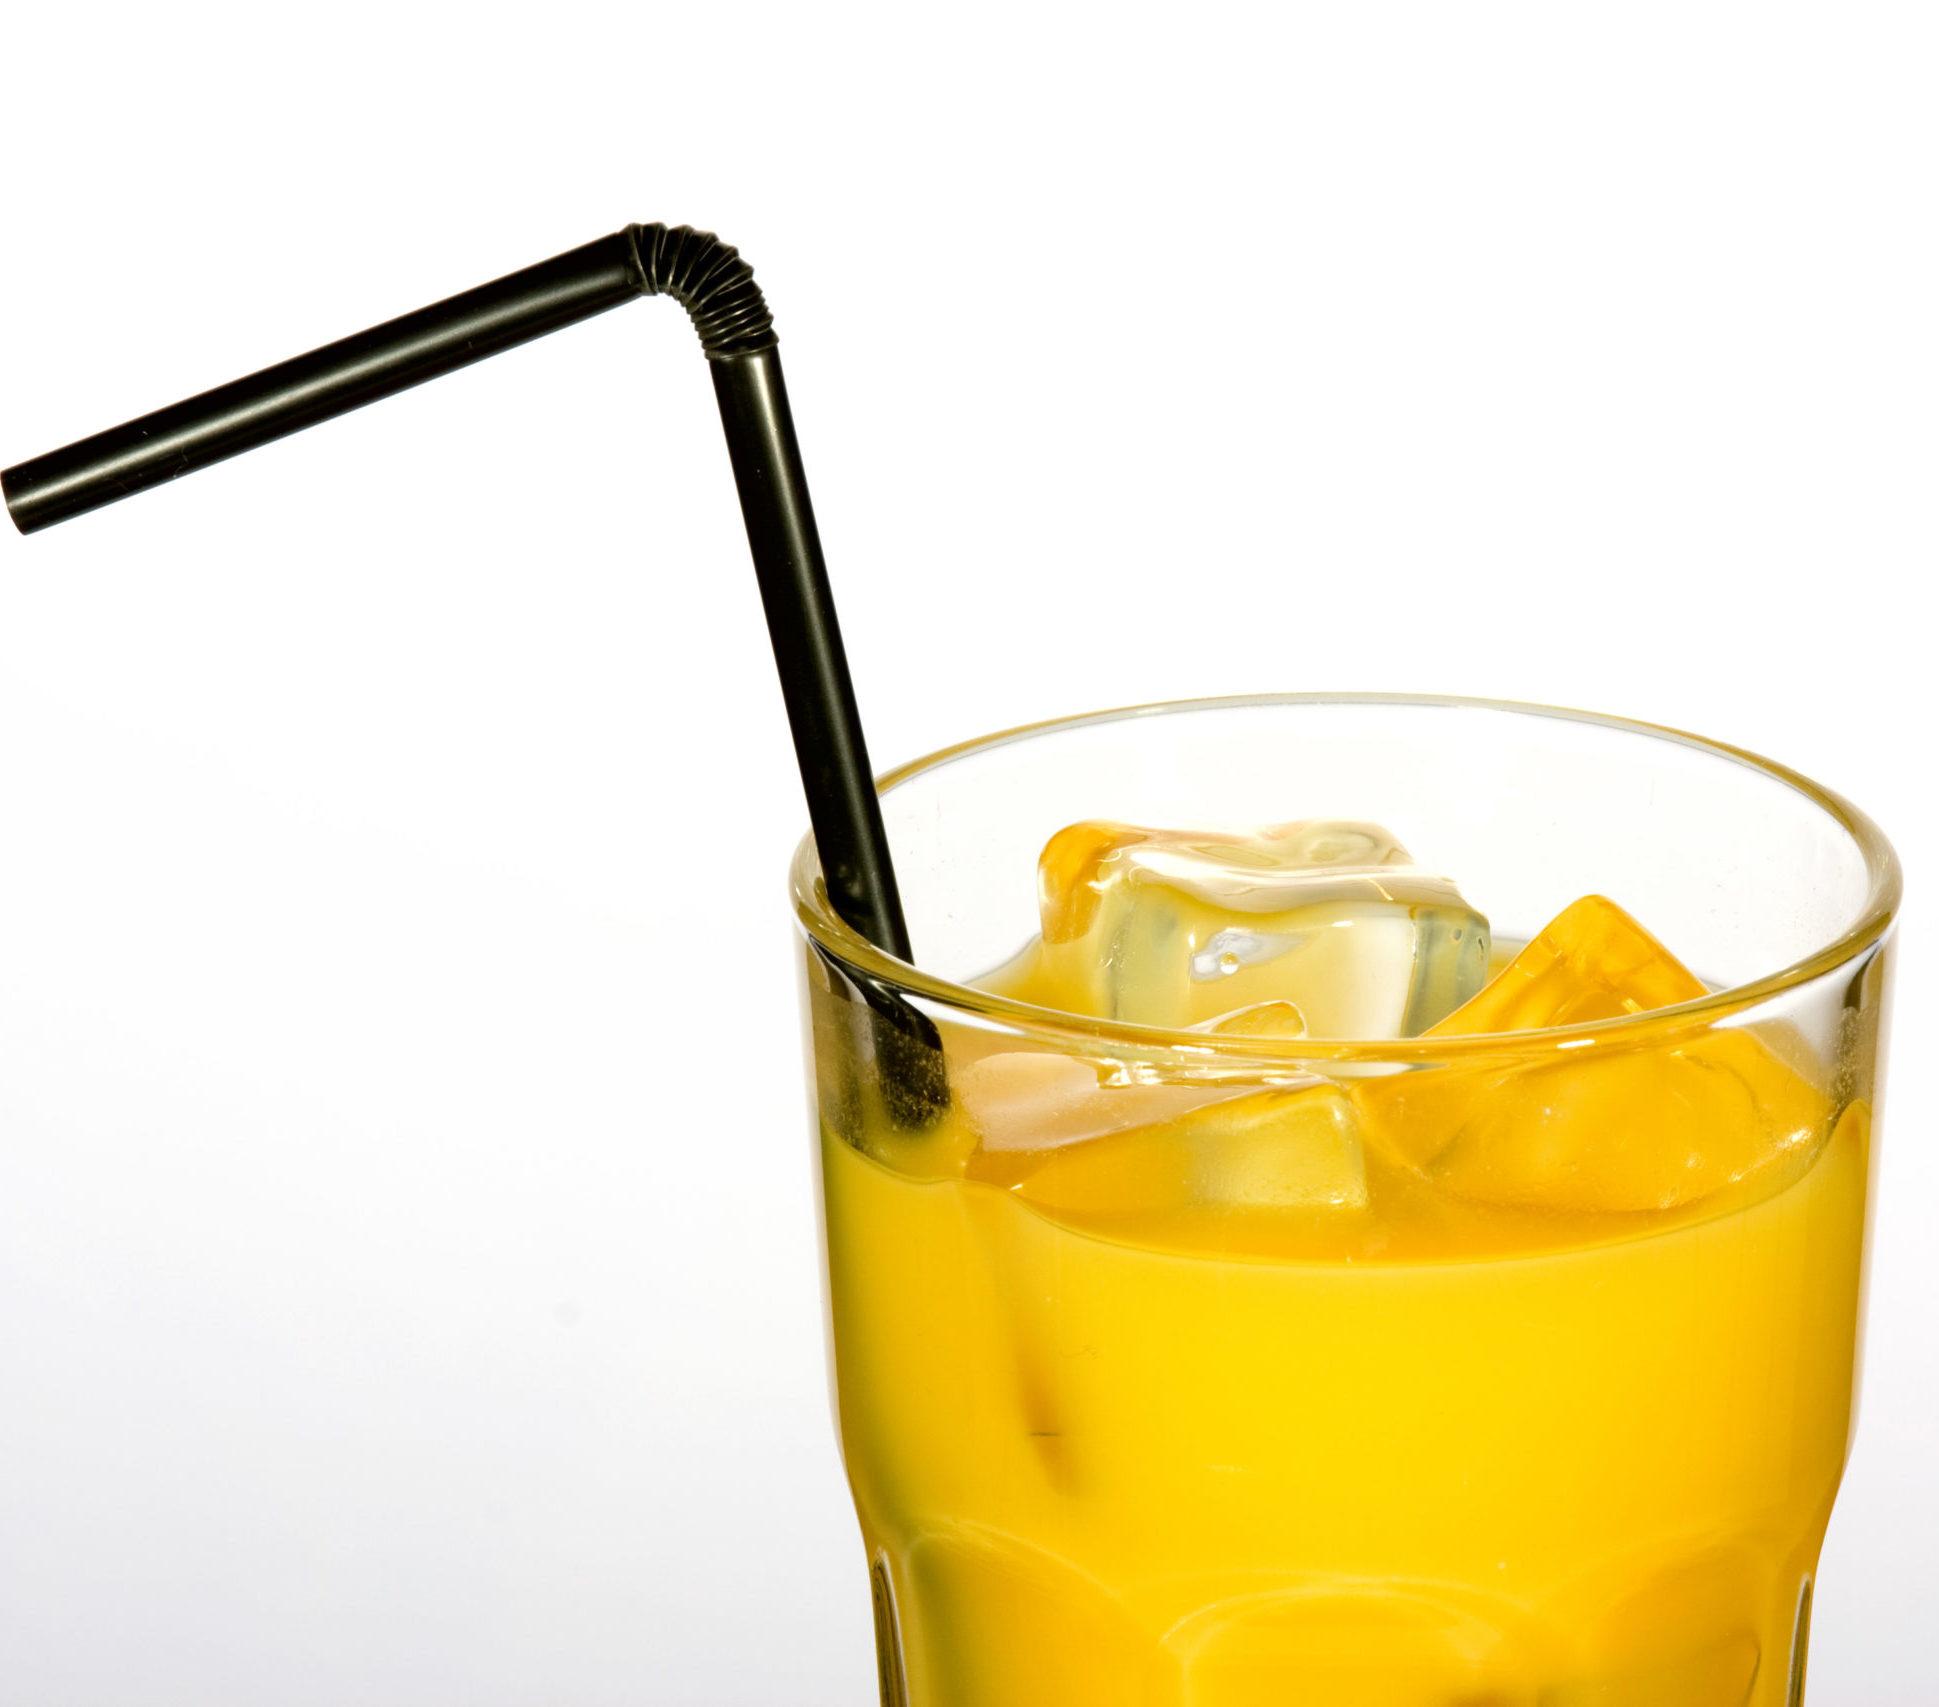 Trinkhalm in einem Getränk mit viel Eis